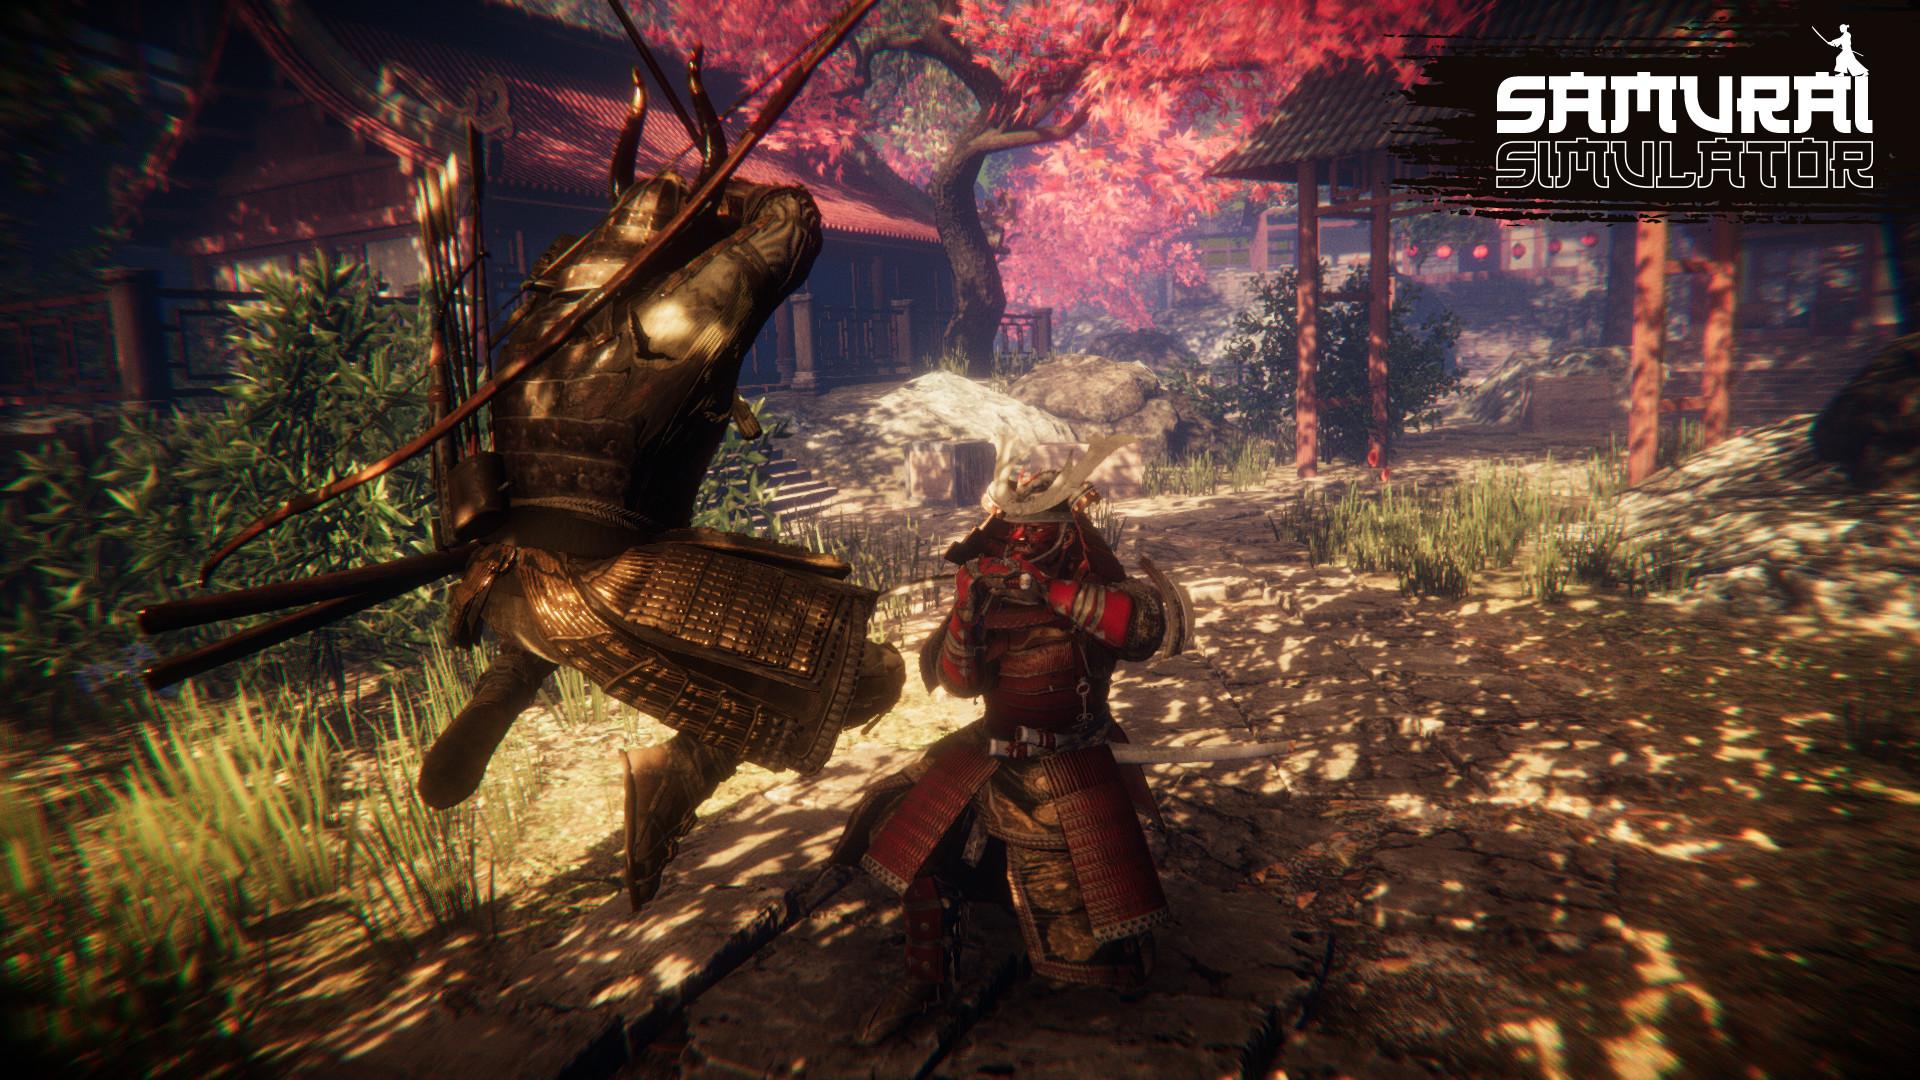 《武士模拟器》新预告片 还原日本封建时代武士的一生 游戏资讯 第1张